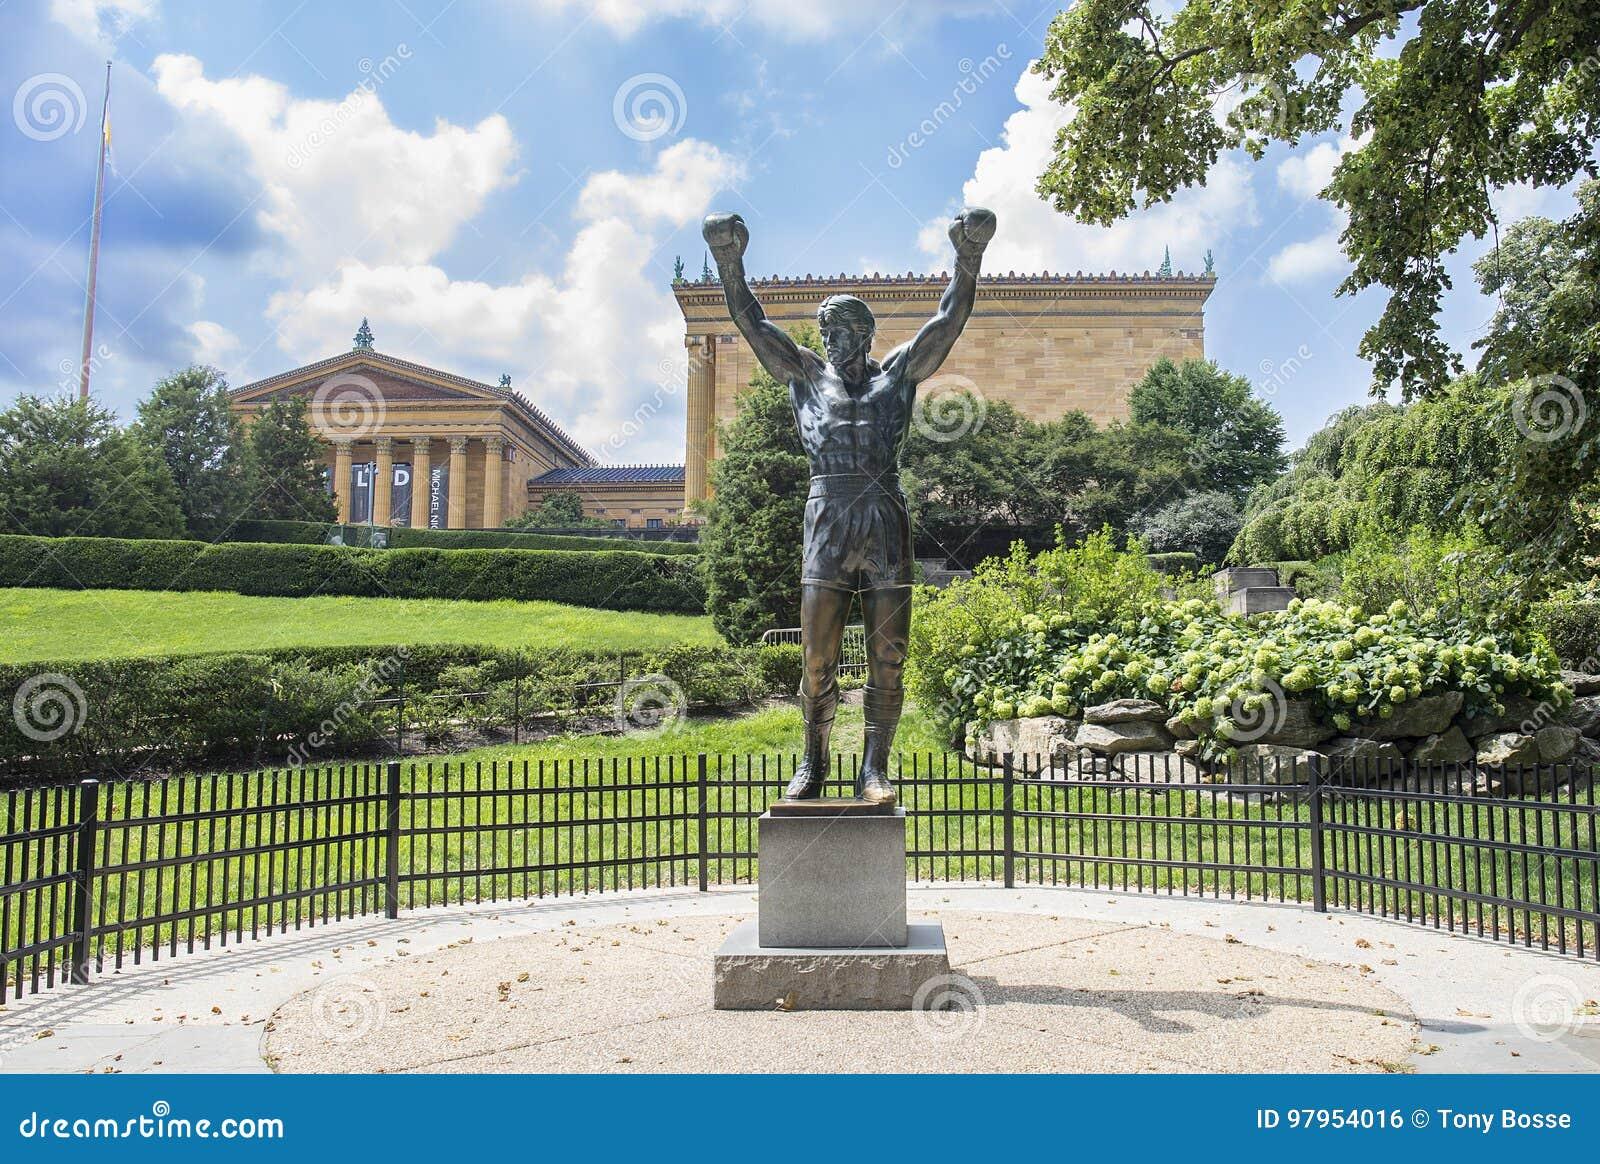 Rocky Balboa, Sylvester Stallone Statue